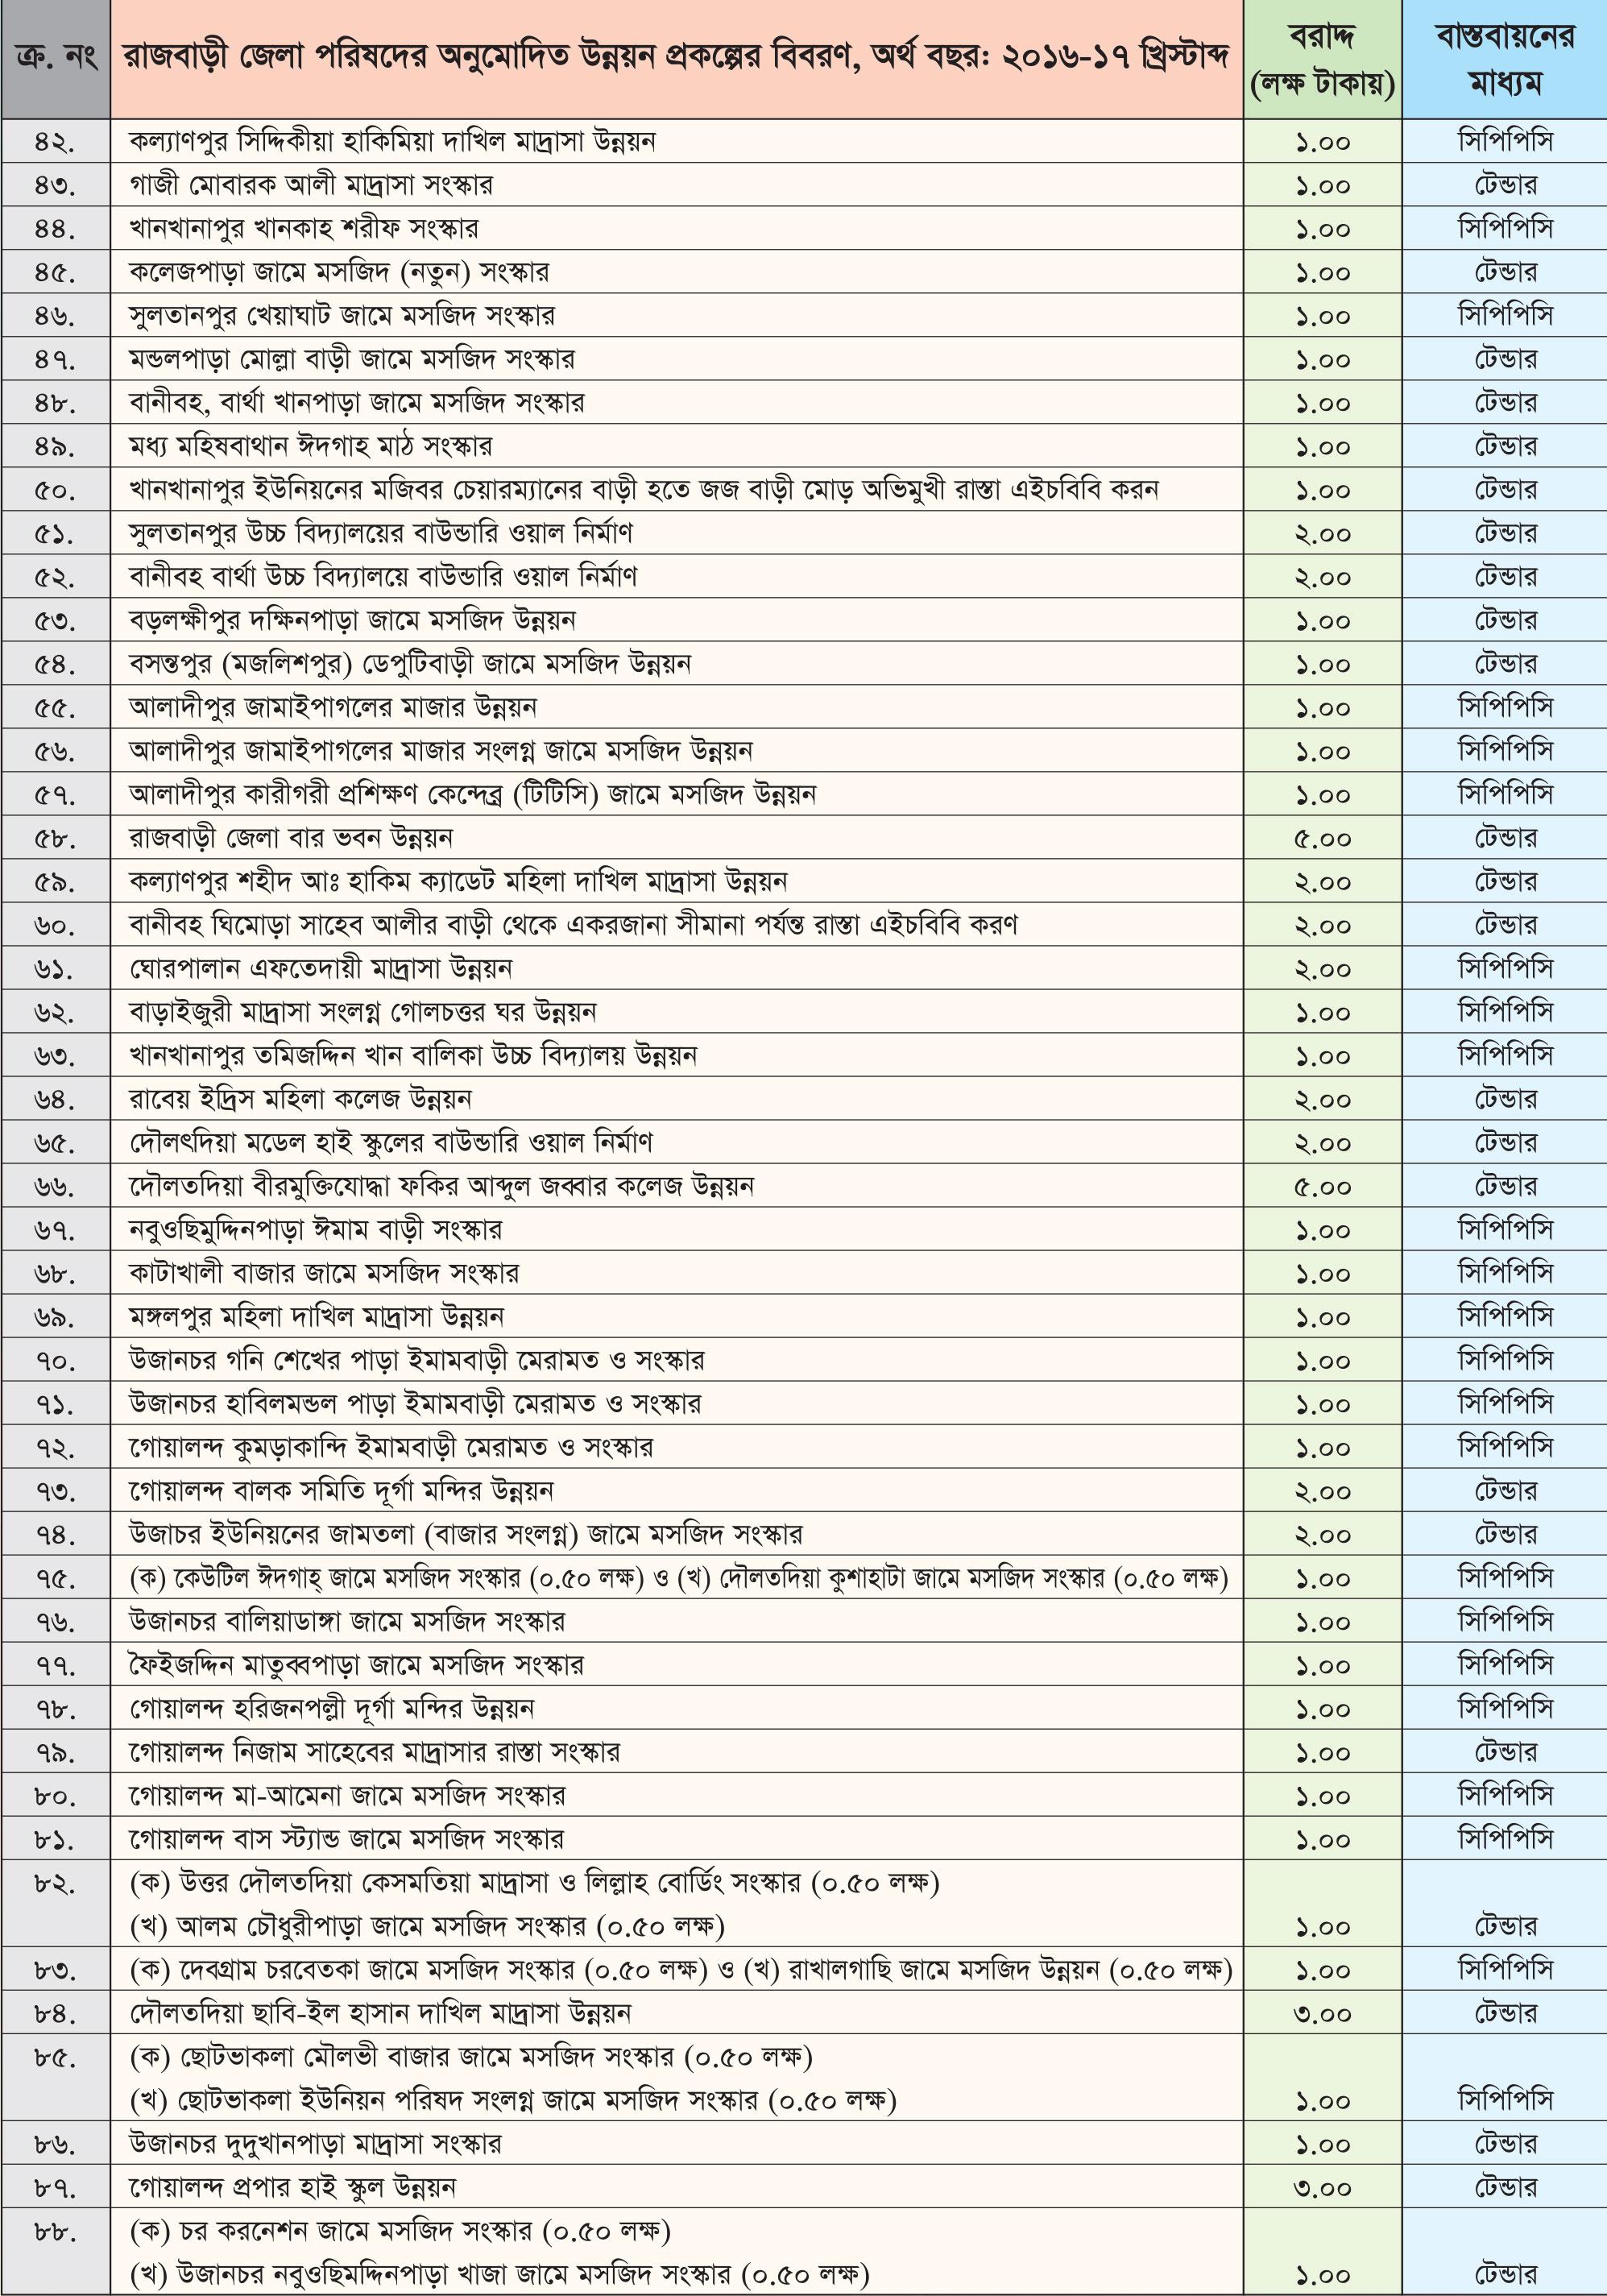 বার্ষিক উন্নয়ন কর্মসূচী (এডিপি) খাতে সাধারণ বরাদ্দ ৫,৬৫,০০,০০০ টাকা অর্থ বছর: ২০১৬-১৭ খ্রিস্টাব্দ